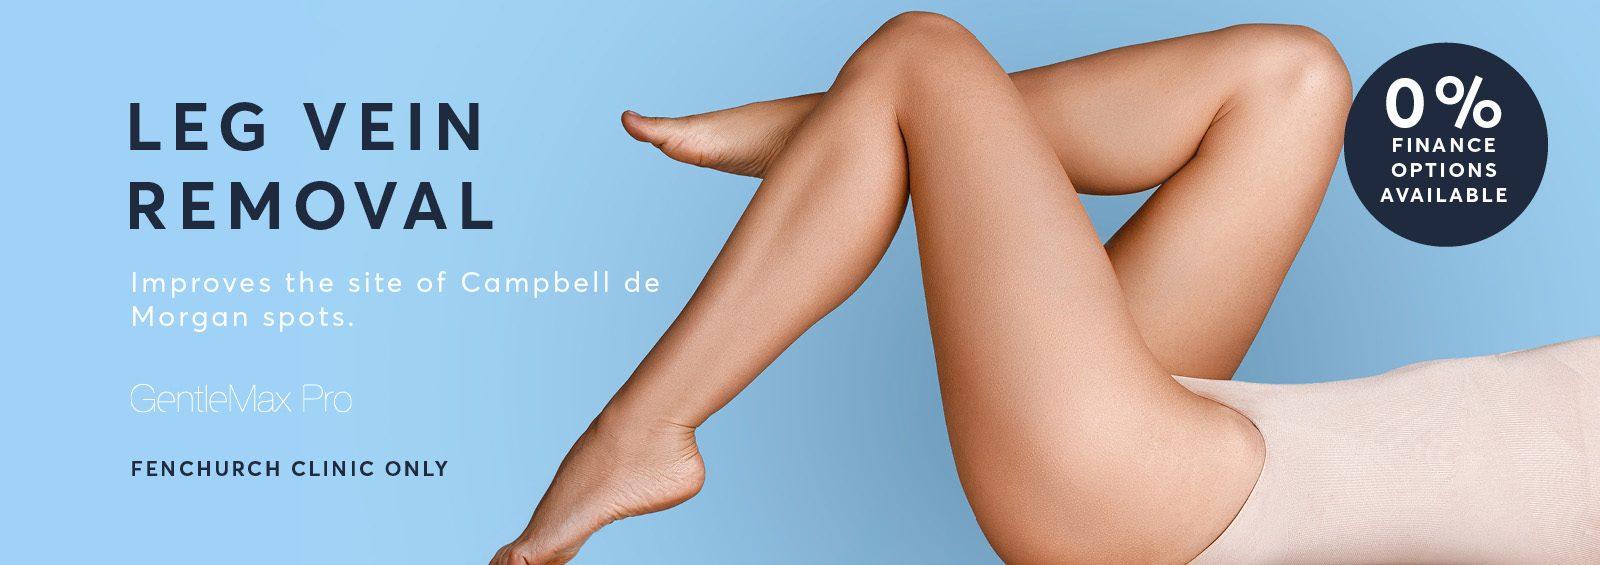 Leg vein treatment